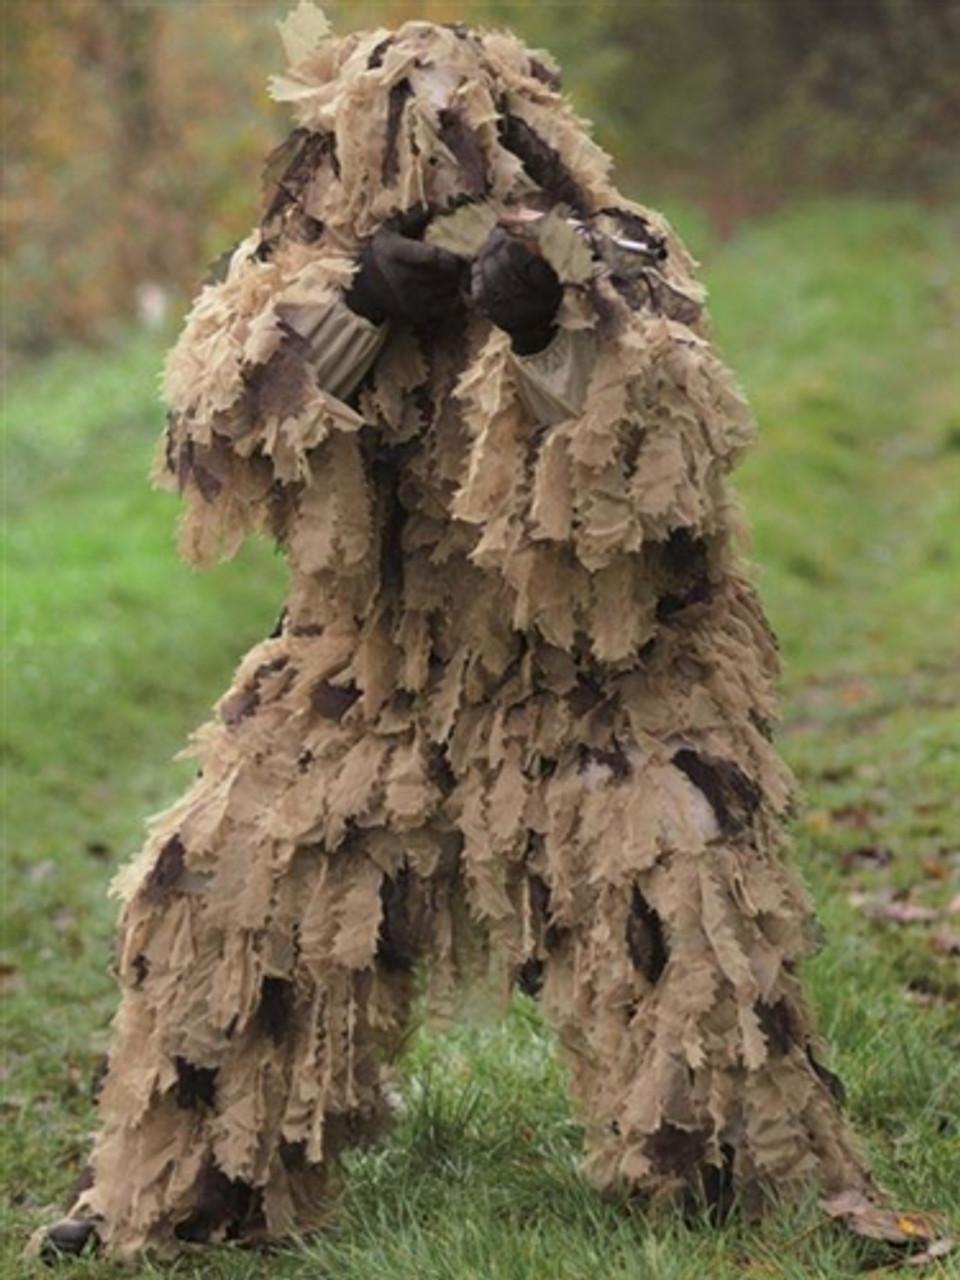 Mil-Tec Oak Leaf 3D Camo Ghille Suit from Hessen Antique